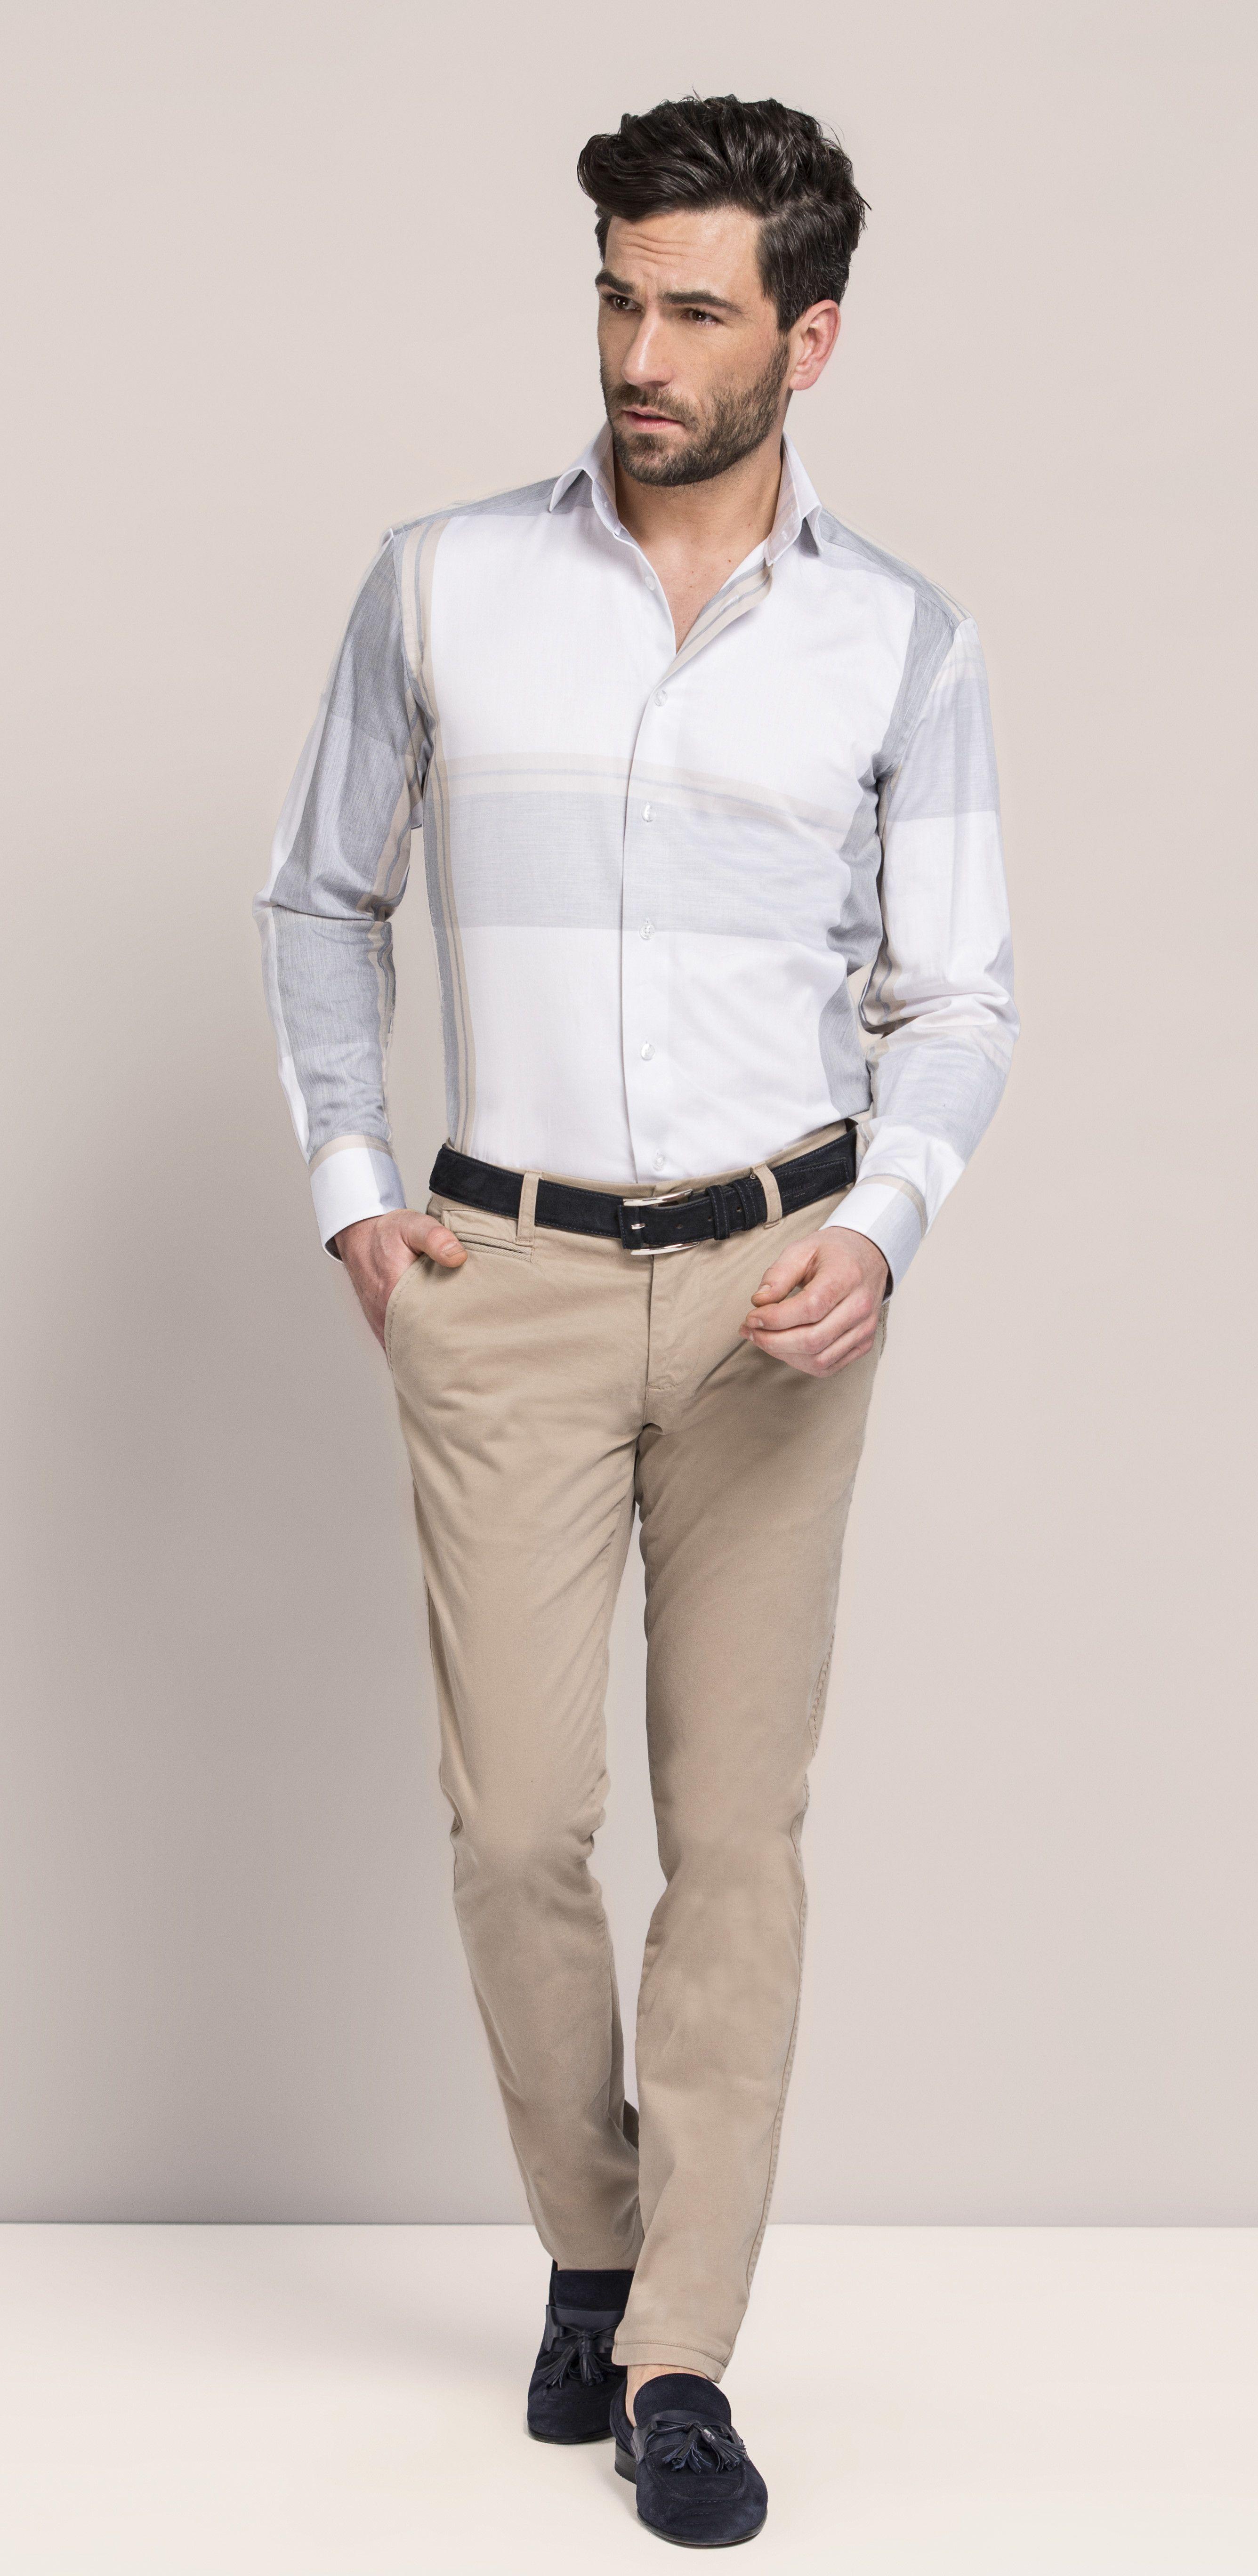 809e264426 Look masculino com camisa social branca e calça bege.